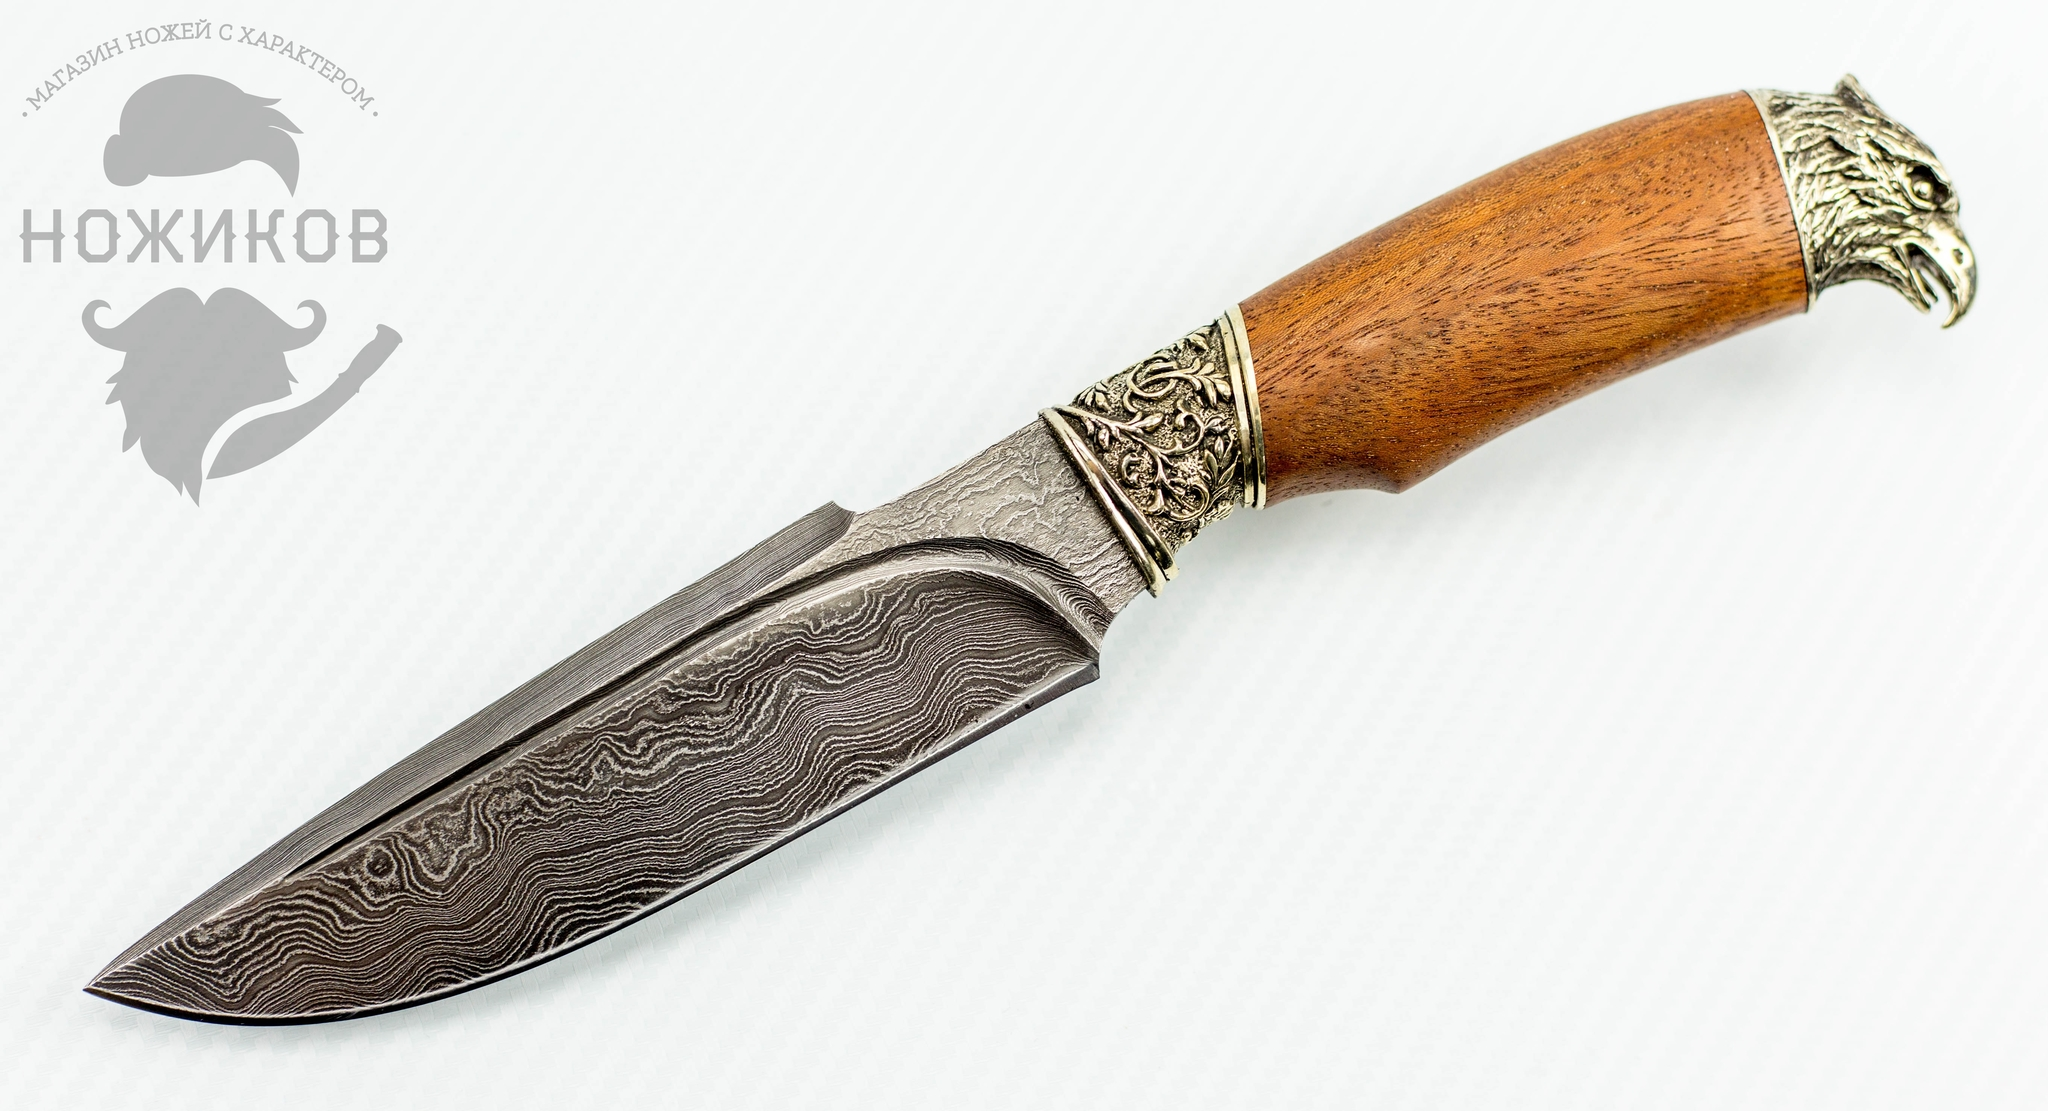 Авторский Нож из Дамаска №72, Кизляр от Noname